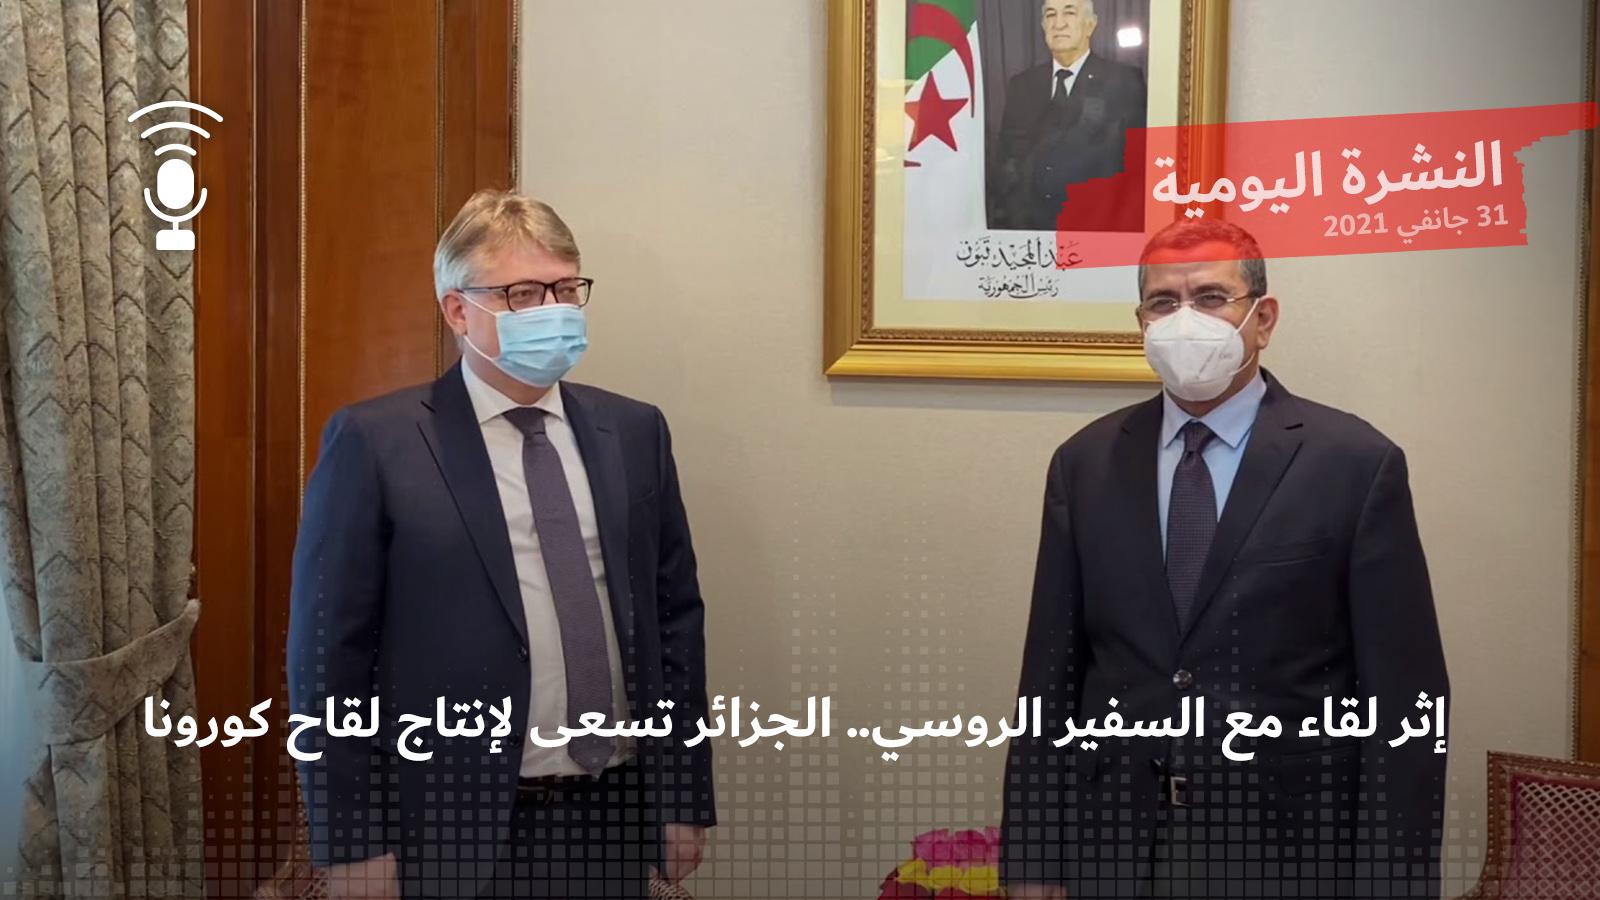 النشرة اليومية: إثر لقاء مع السفير الروسي.. الجزائر تسعى لإنتاج لقاح كورونا